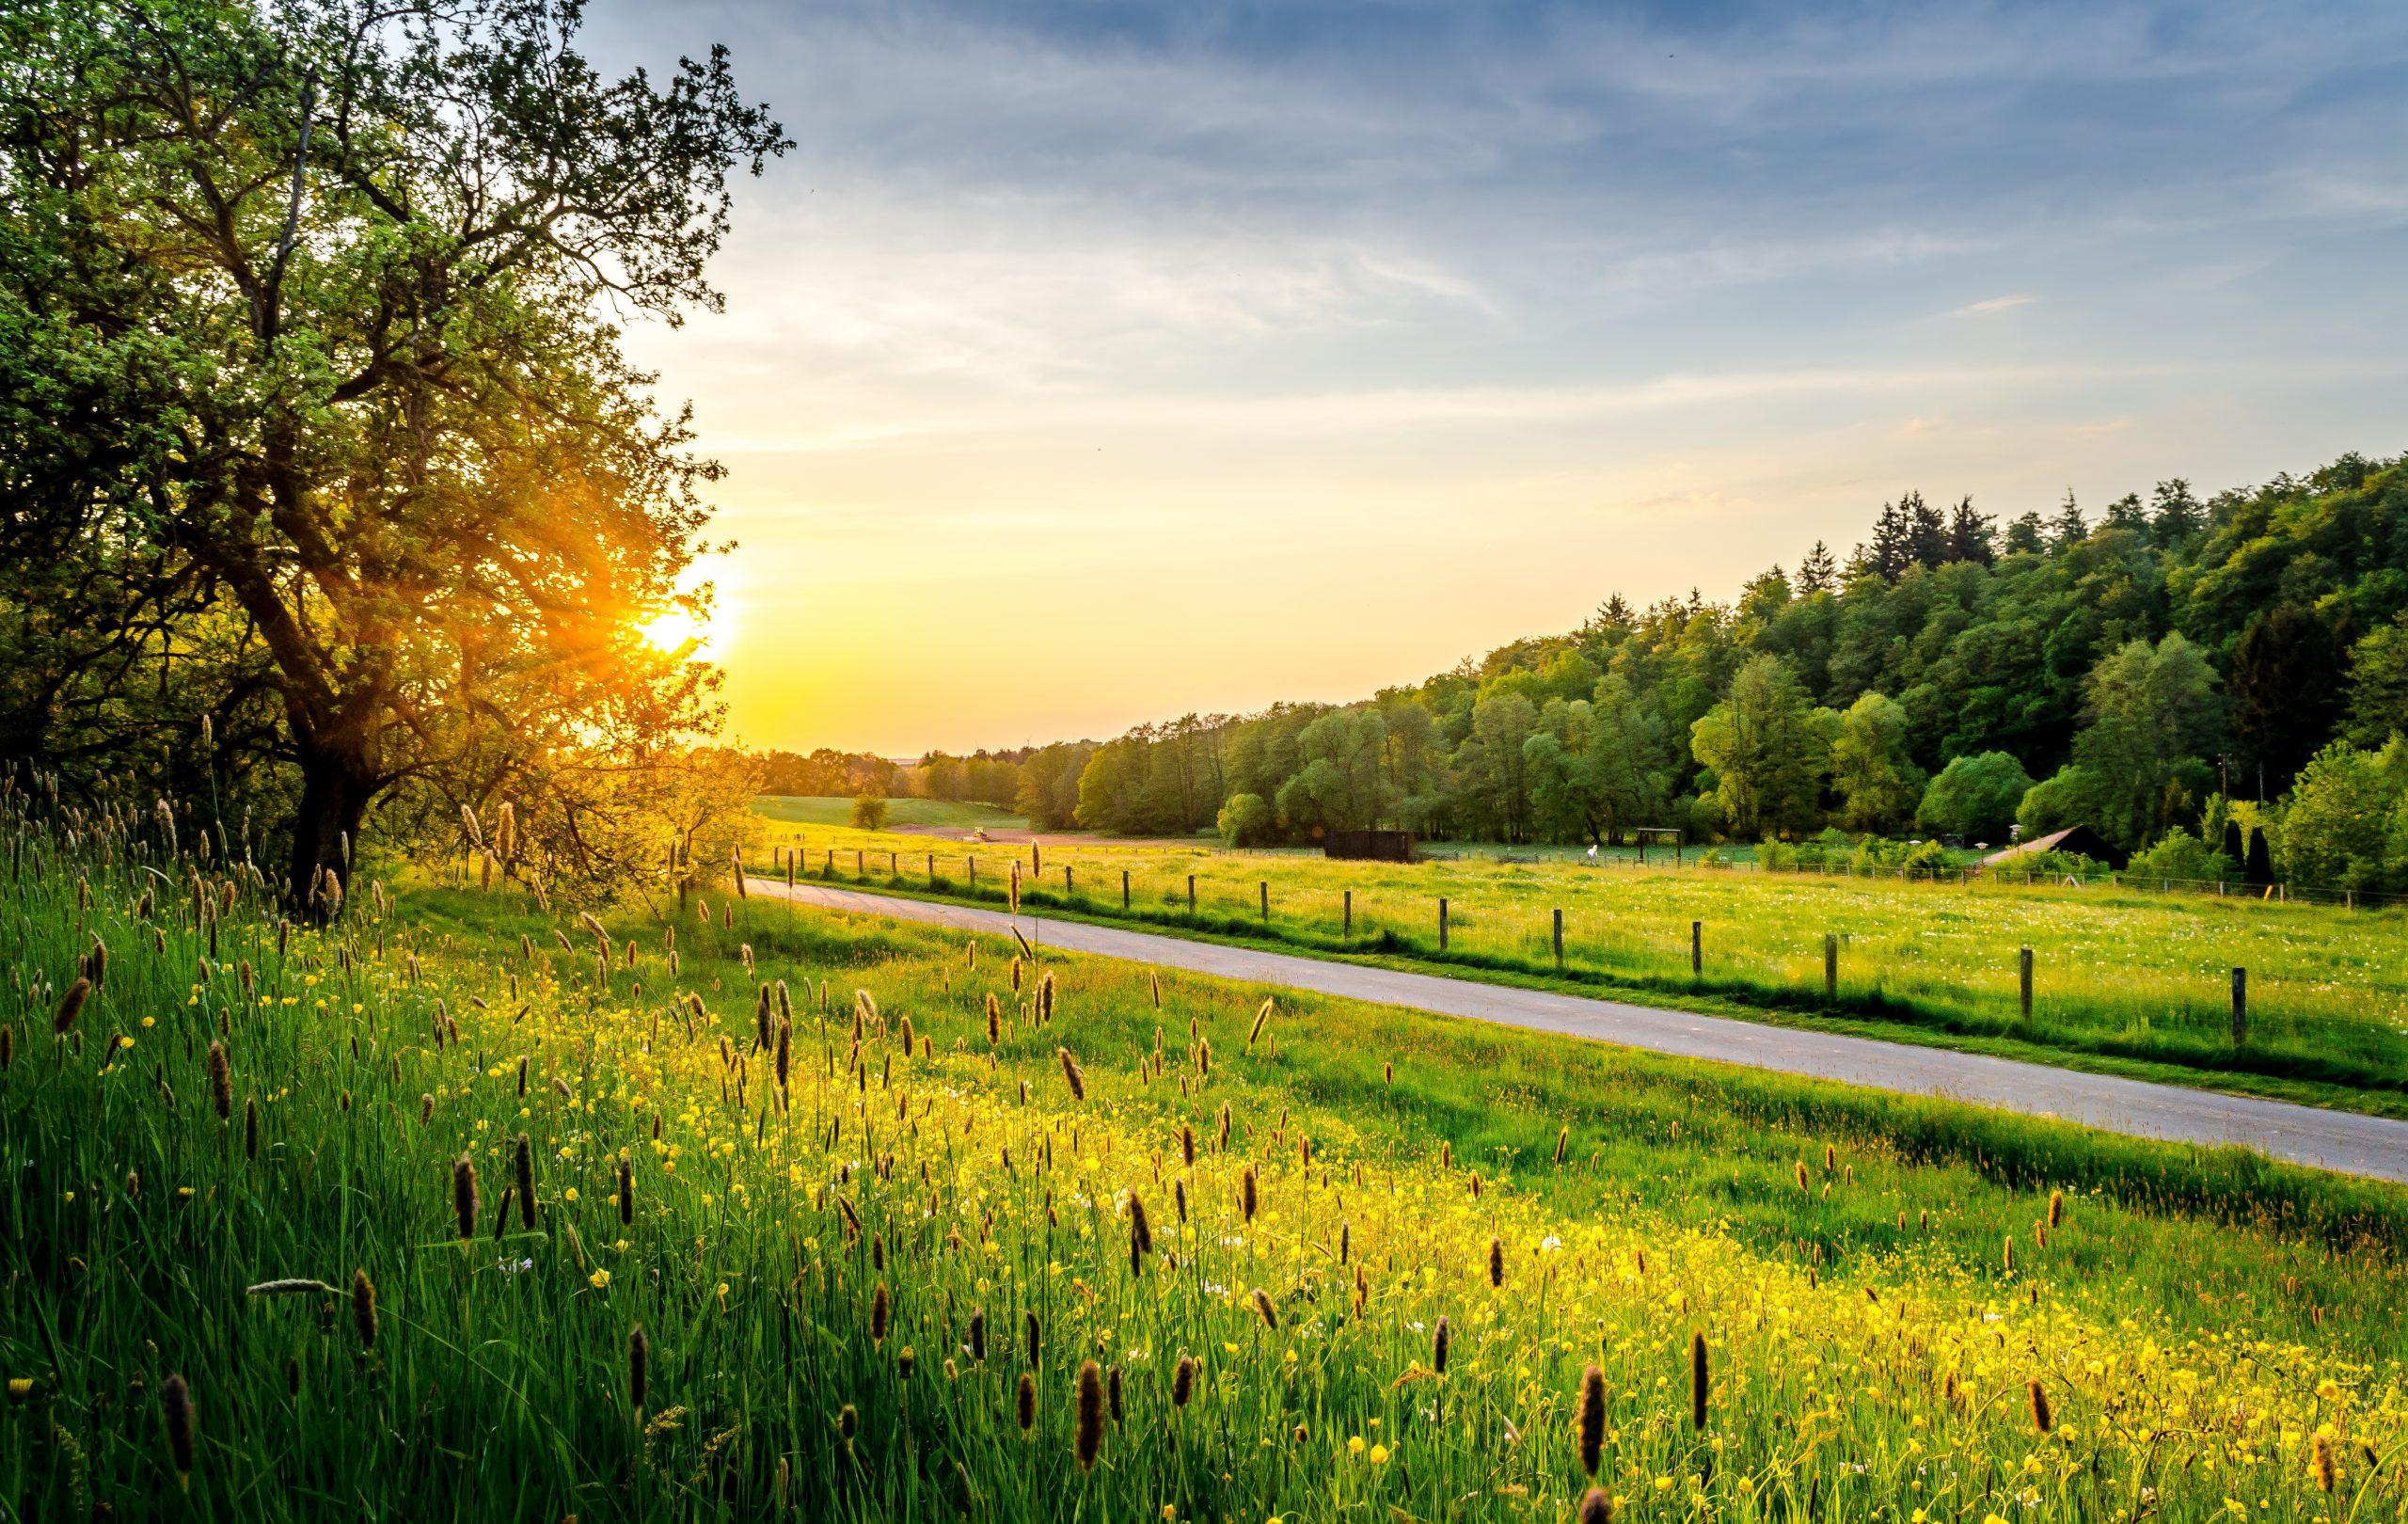 Frühlings-Blumenwiese in Hessen bei Sonnenuntergang